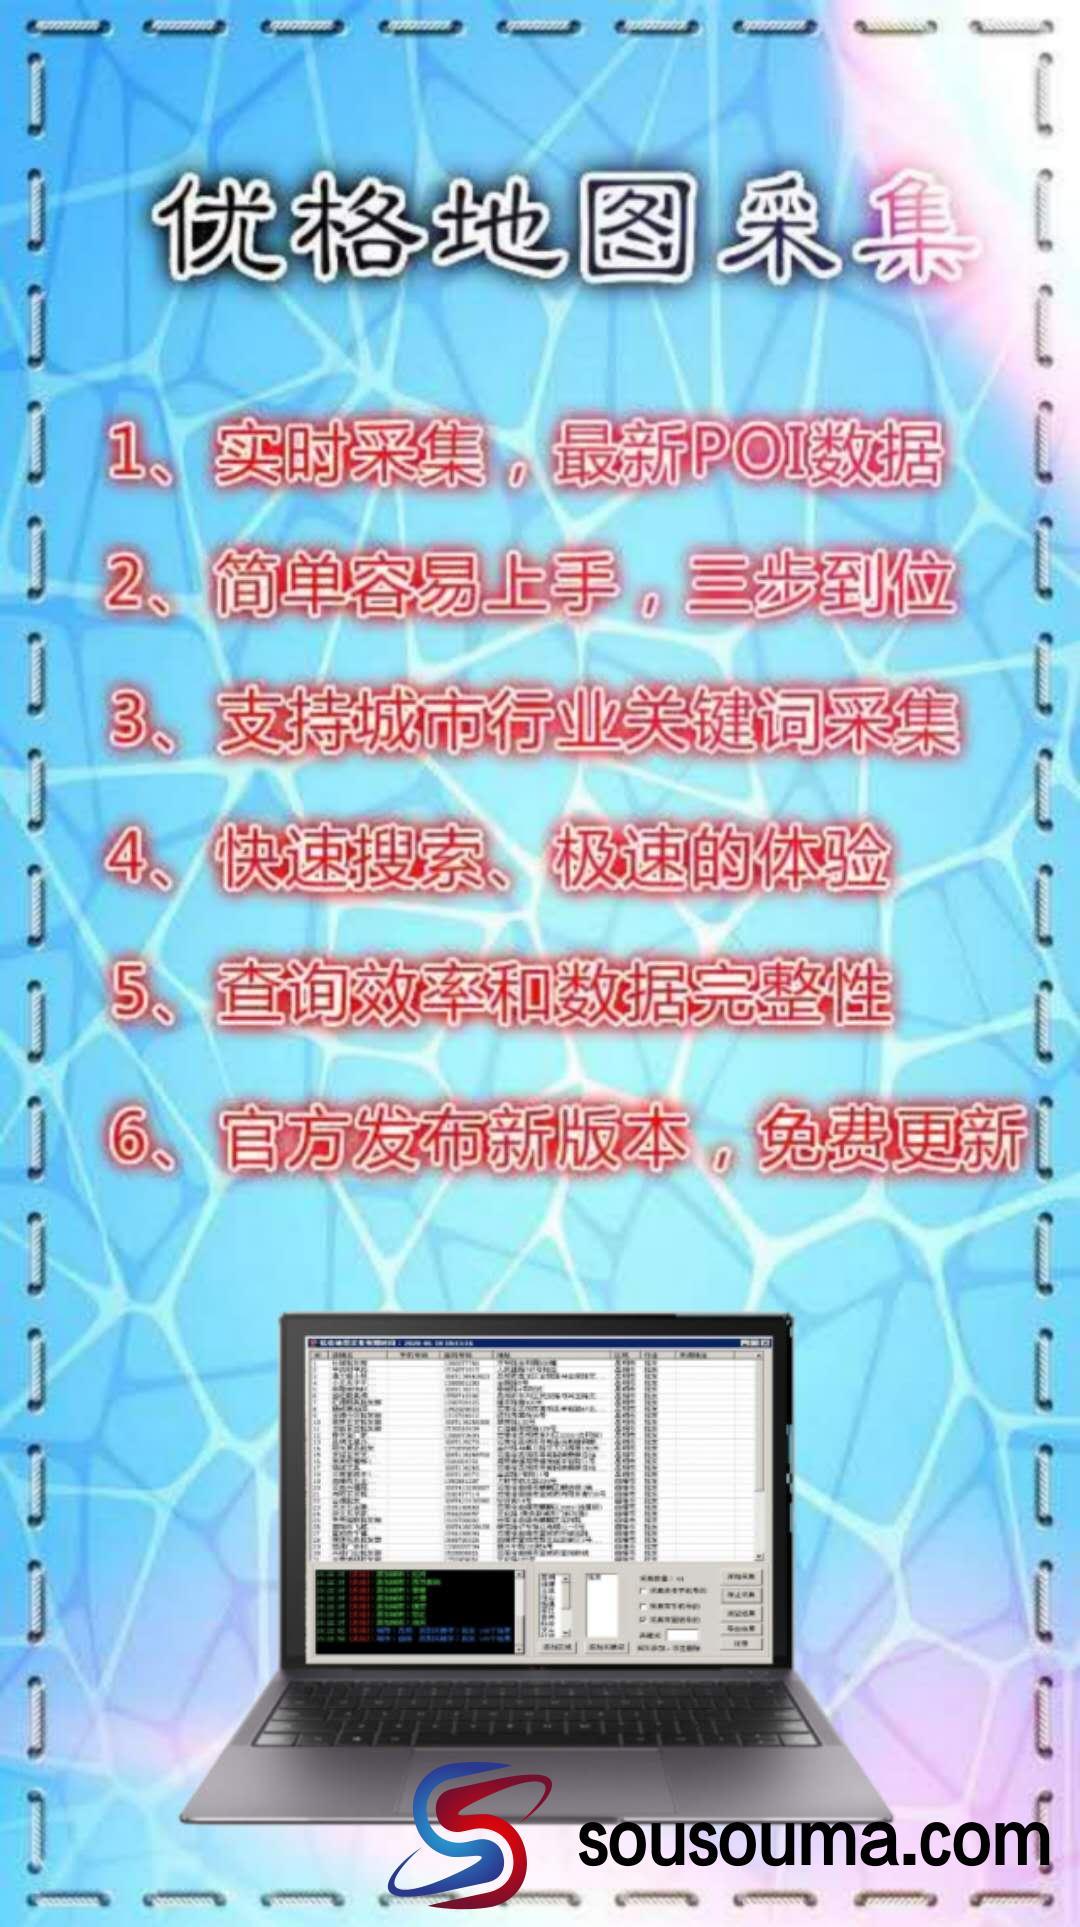 【优格地图采集官网】正版地图采集手机号商户地址等授权使用